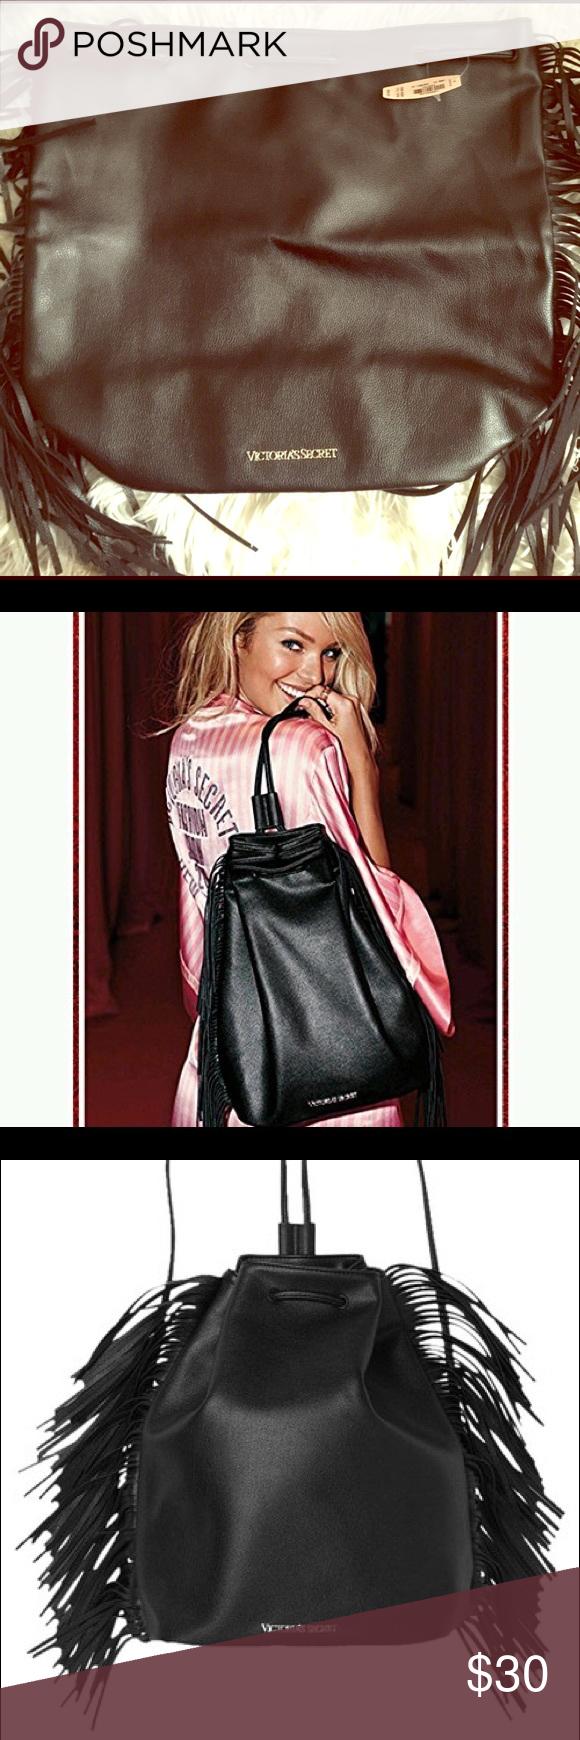 Victoria secret fringe backpack Límited edition, fashion show backpack, Brand New!!!! PINK Victoria's Secret Bags Backpacks